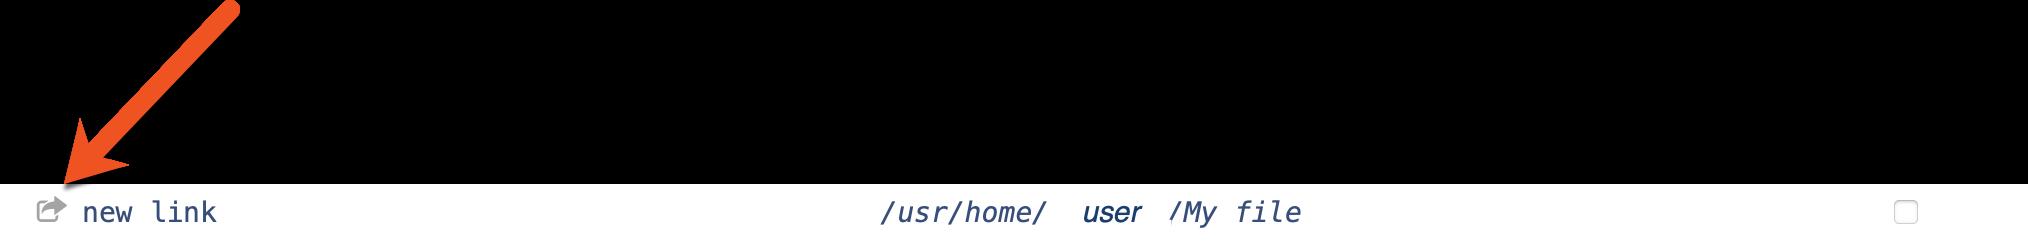 symlink icon image